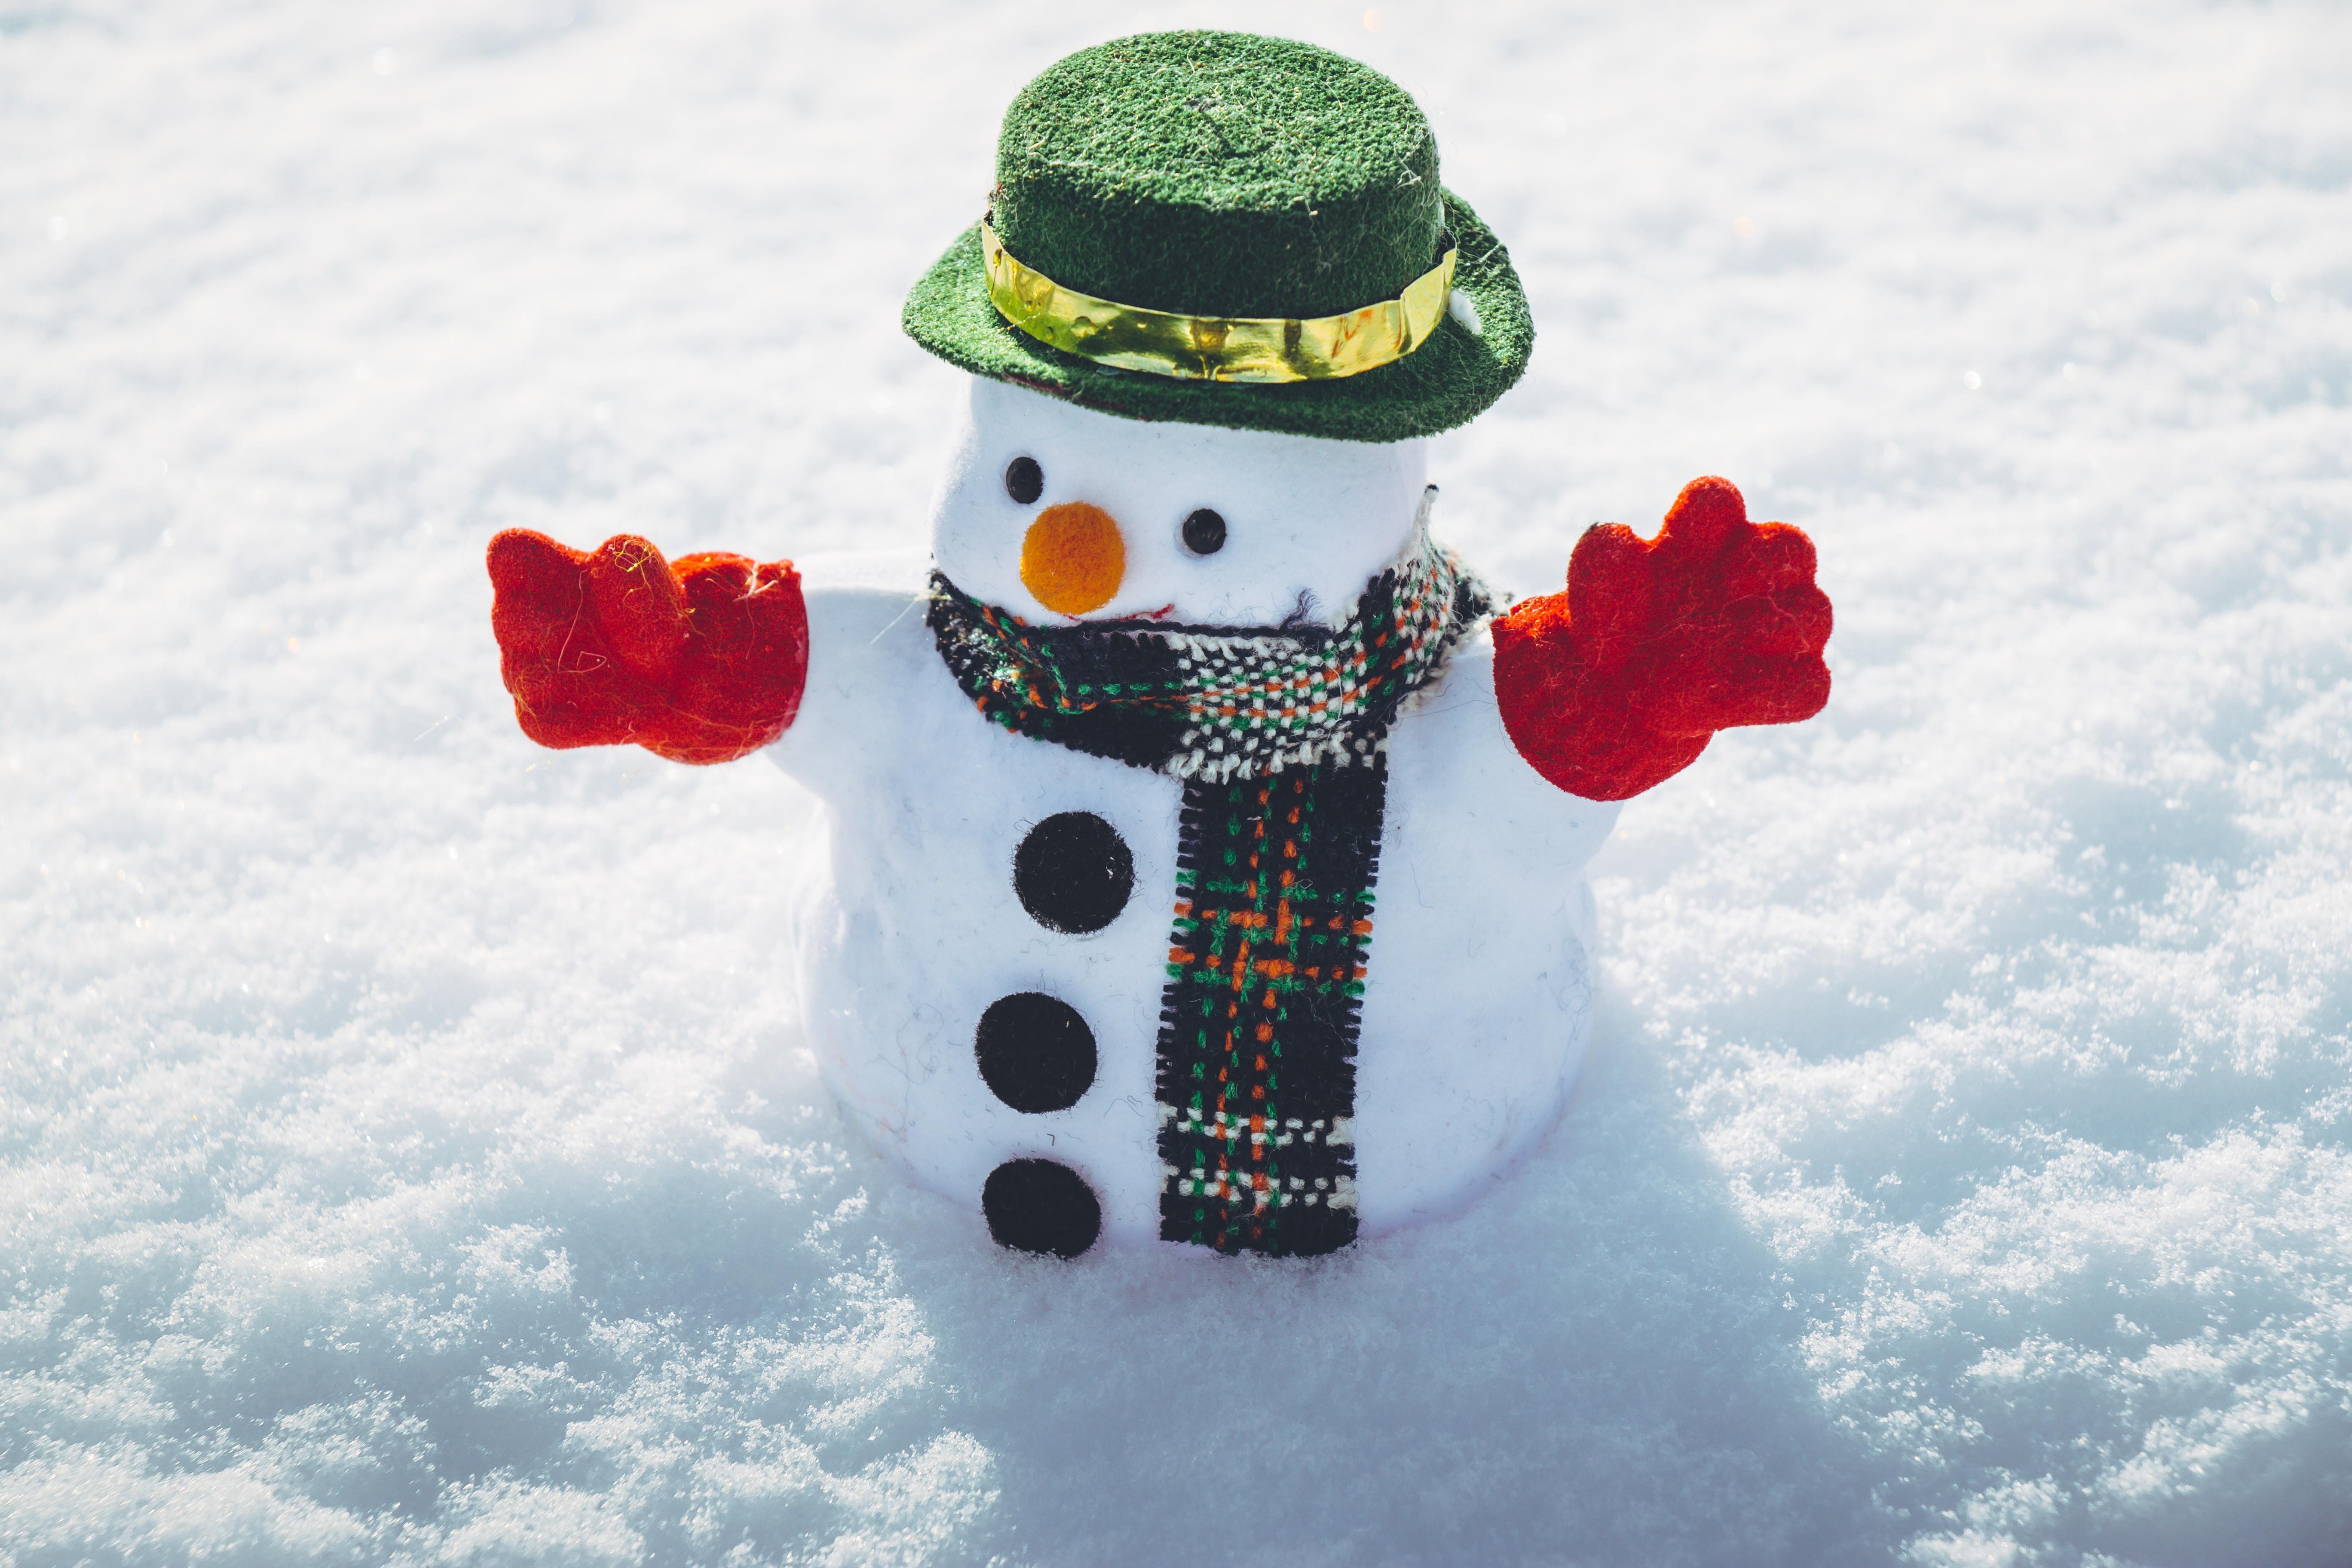 Прикольные картинки доброго зимнего утра и хорошего дня со снеговиками, открытки день строителя